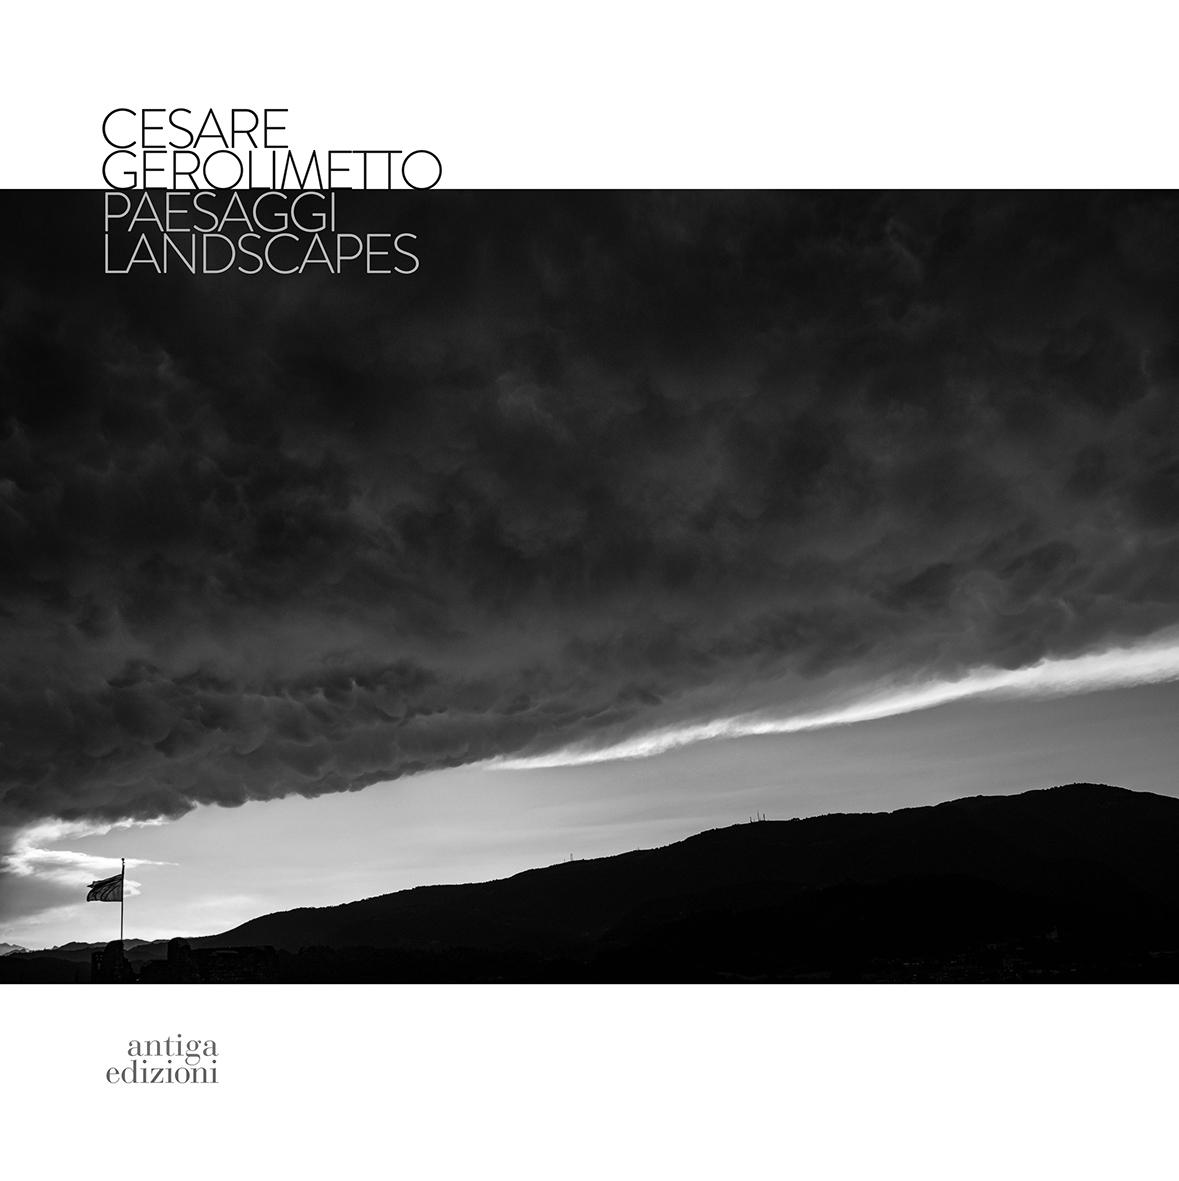 paesaggi_cesare_cover_1